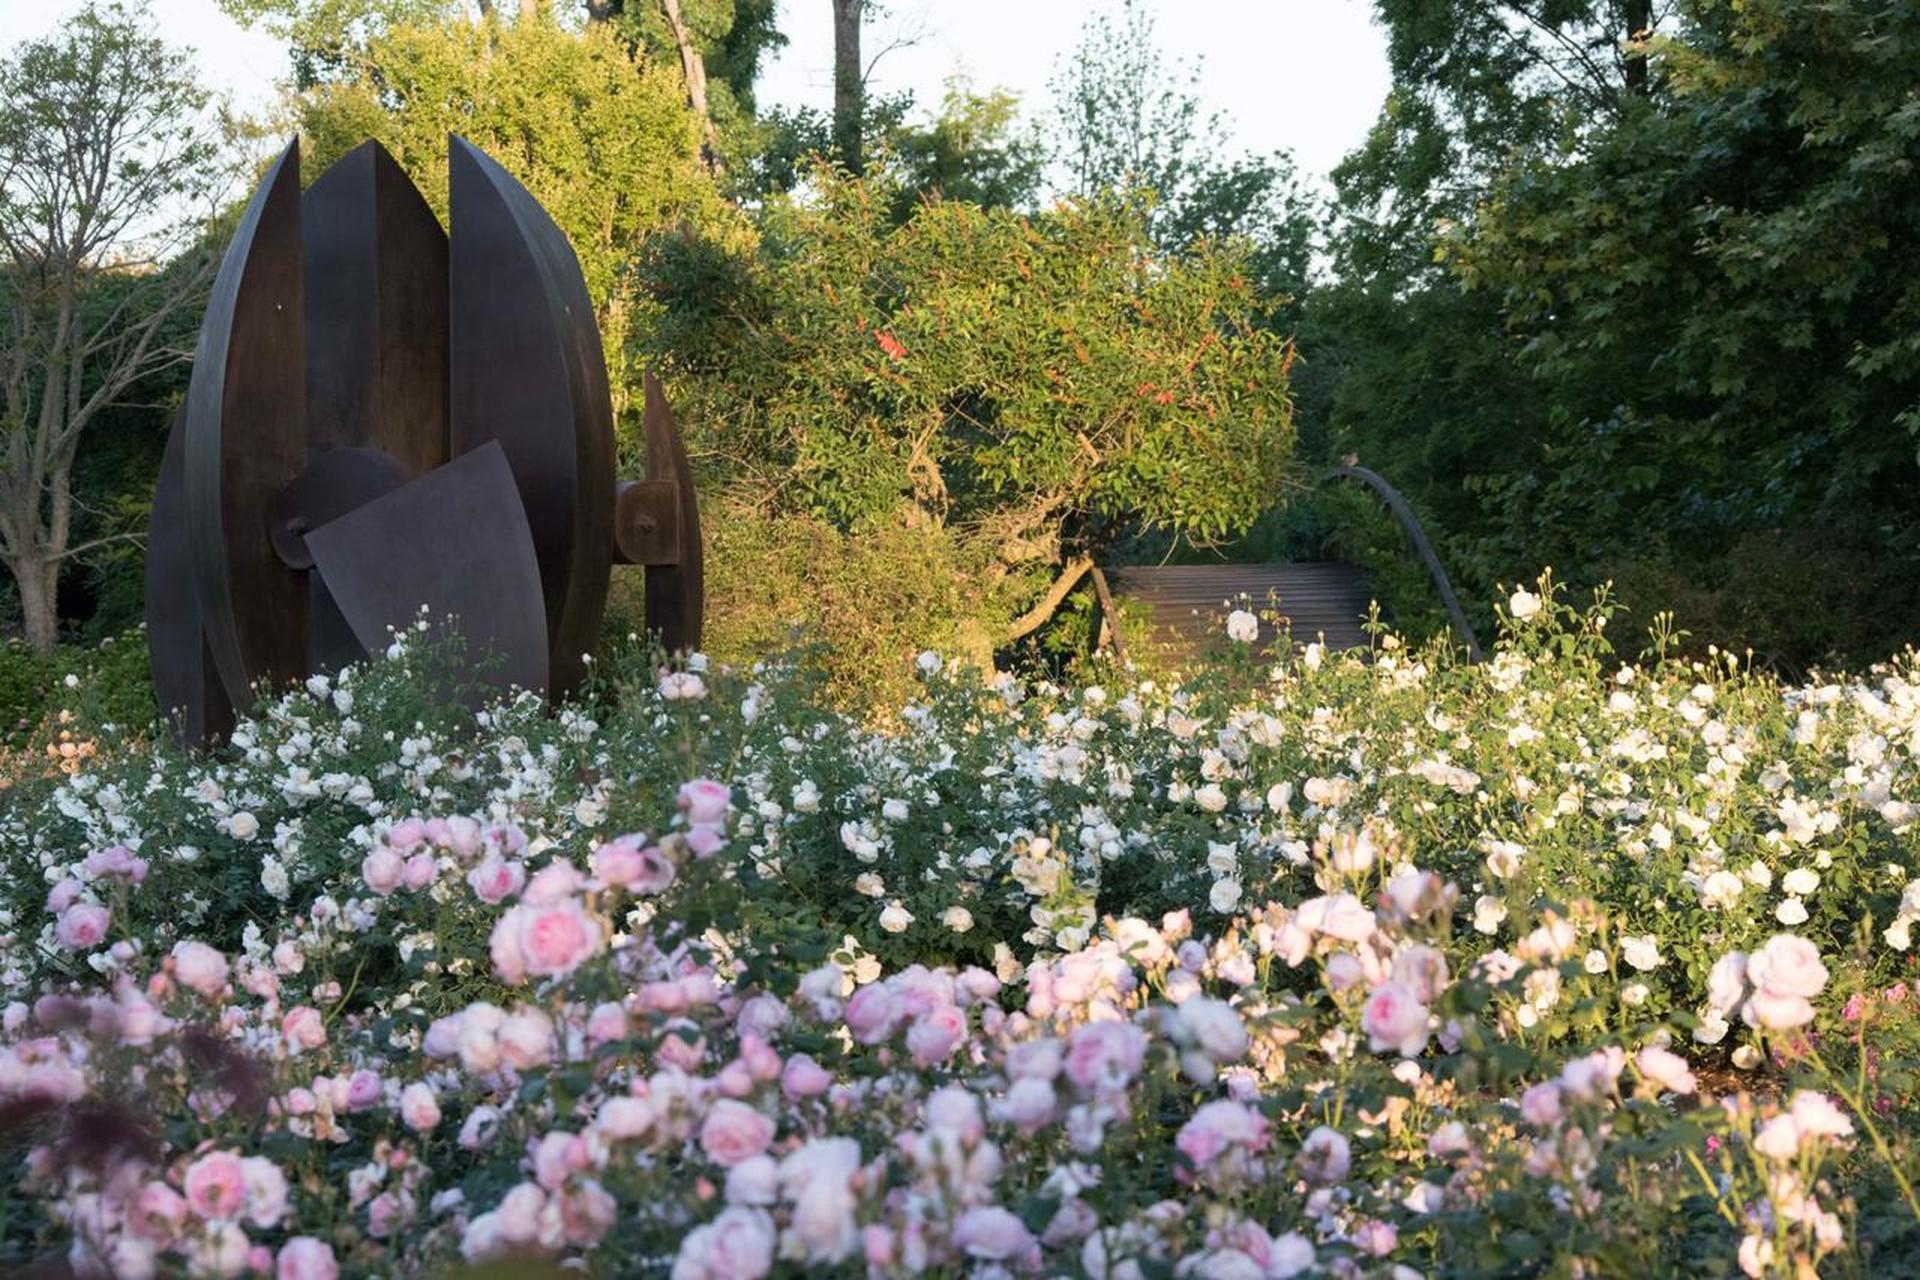 El rosedal ocupa un lugar de privilegio y reúne mil rosales.